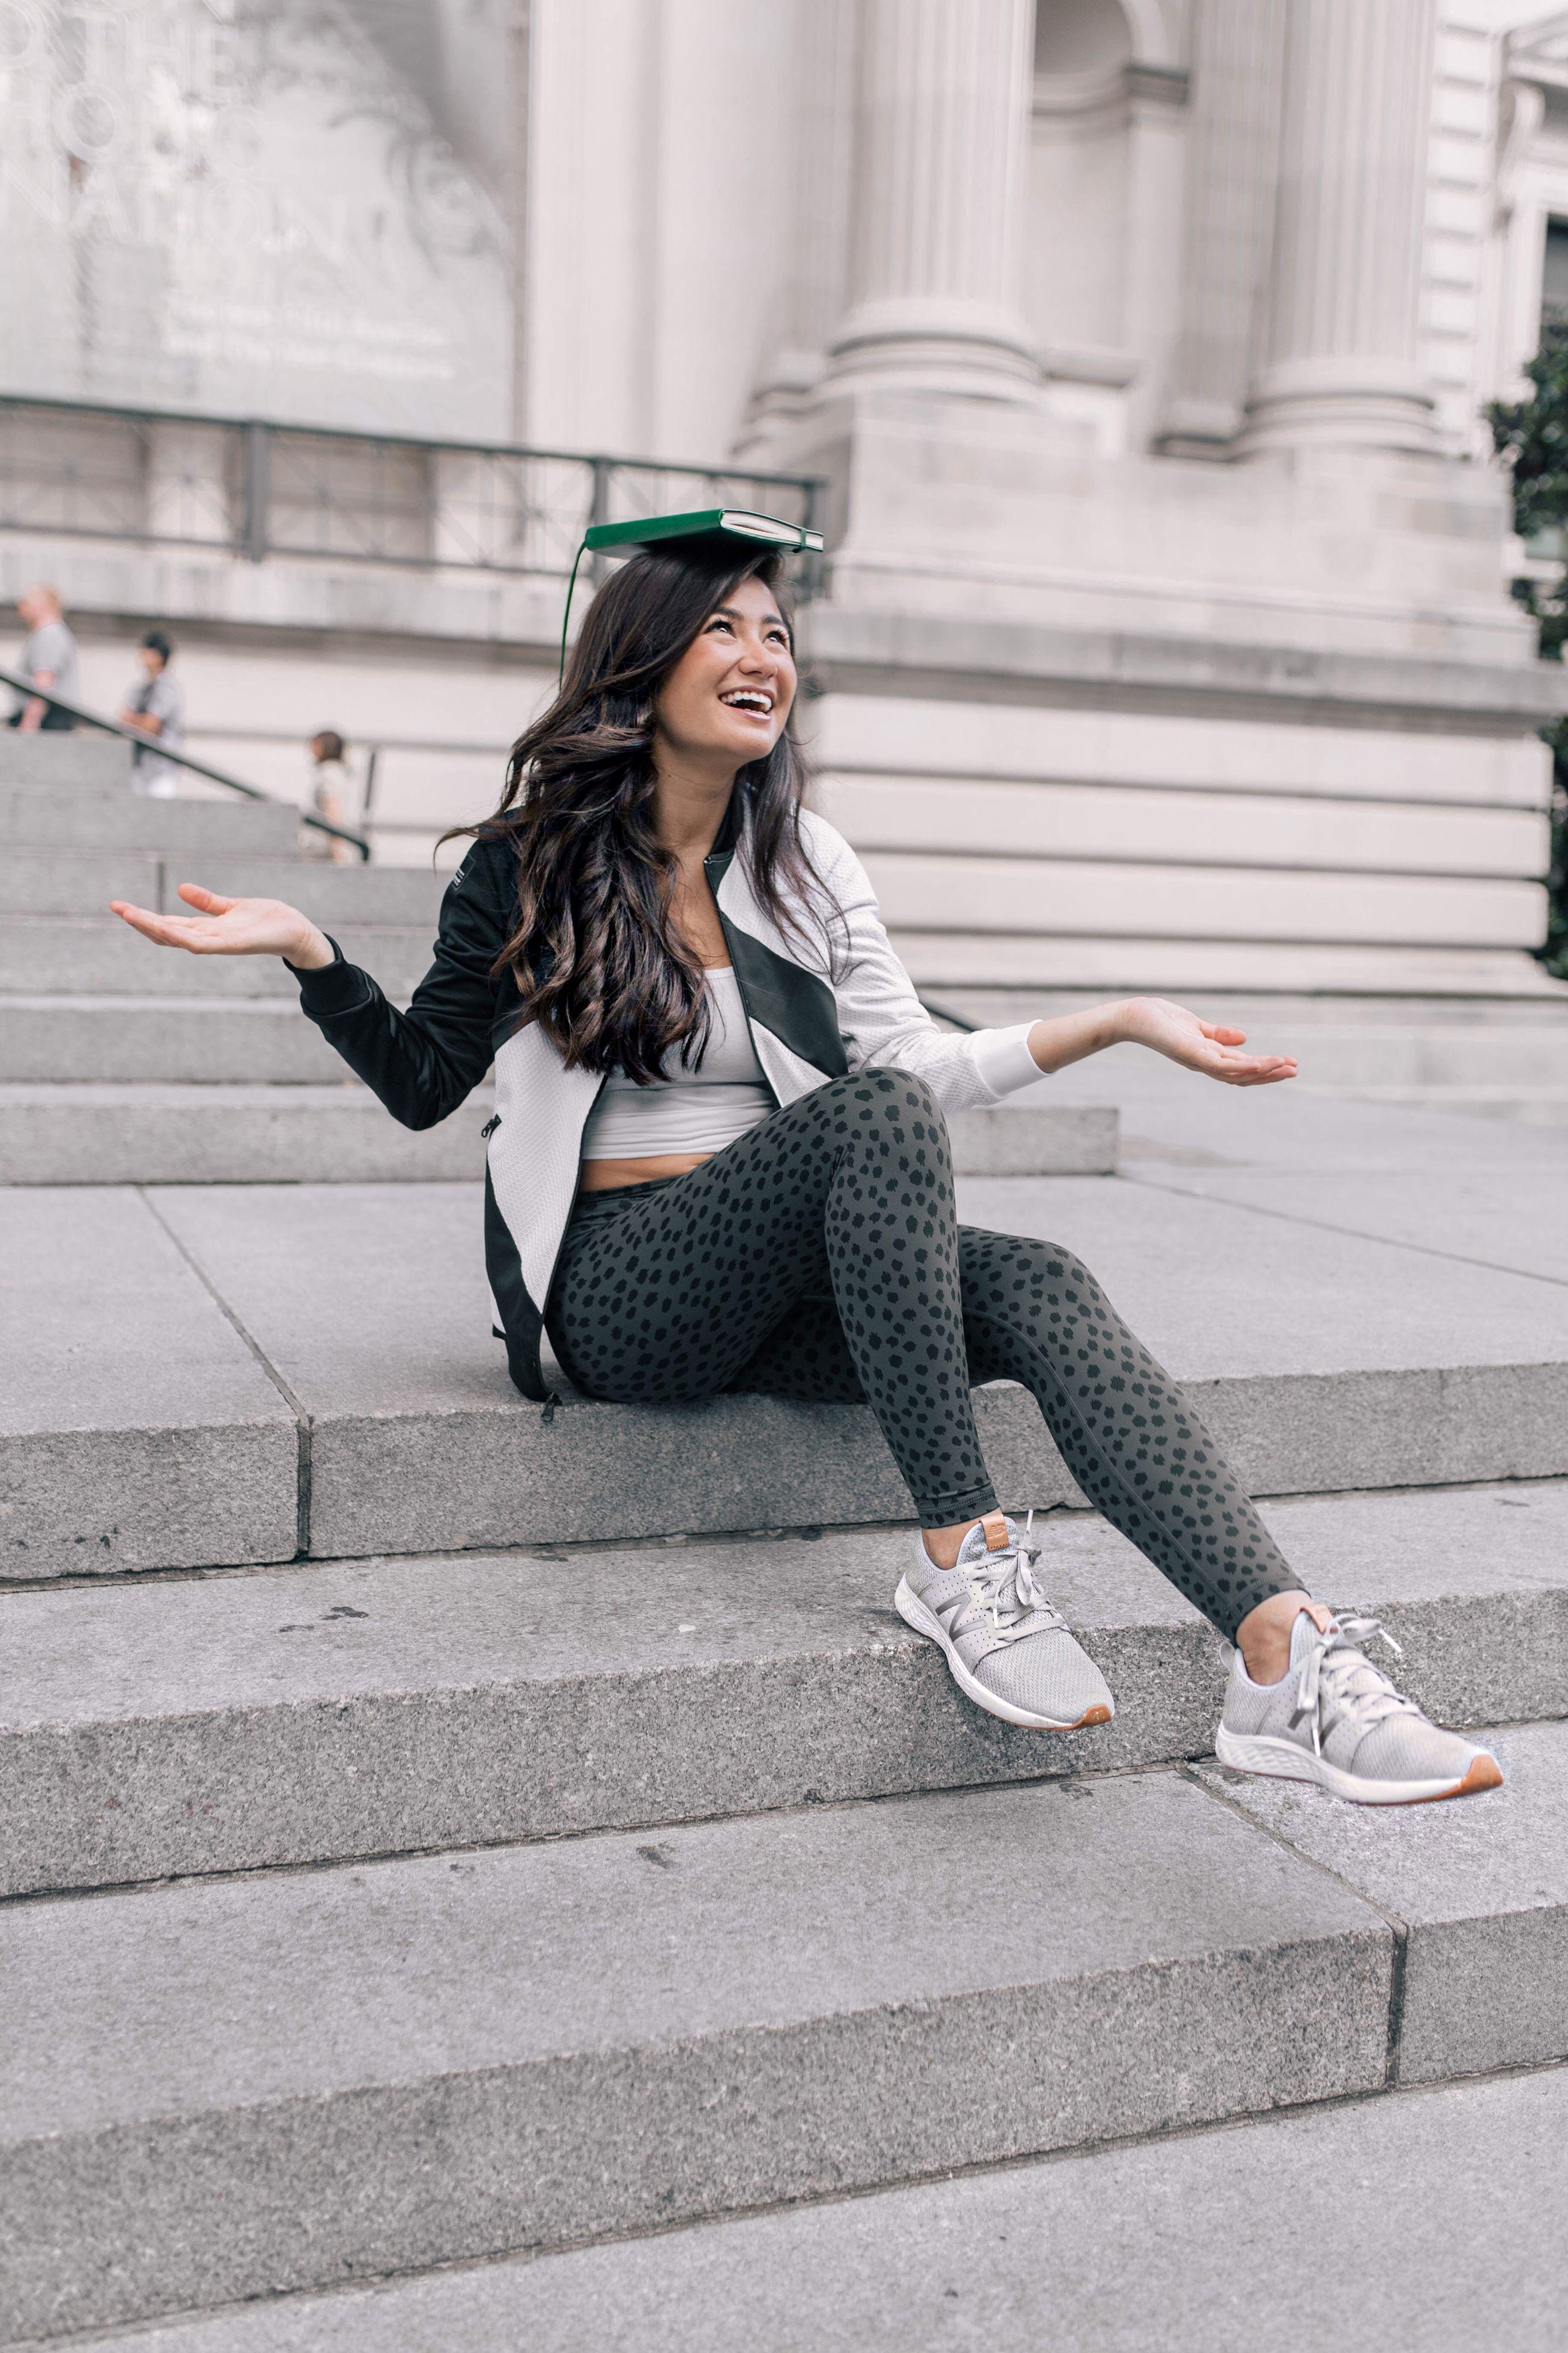 dacddbd65f DSW shoes summer | Fresh Foam | NYC street style Summer | nyc fashion  bloggers